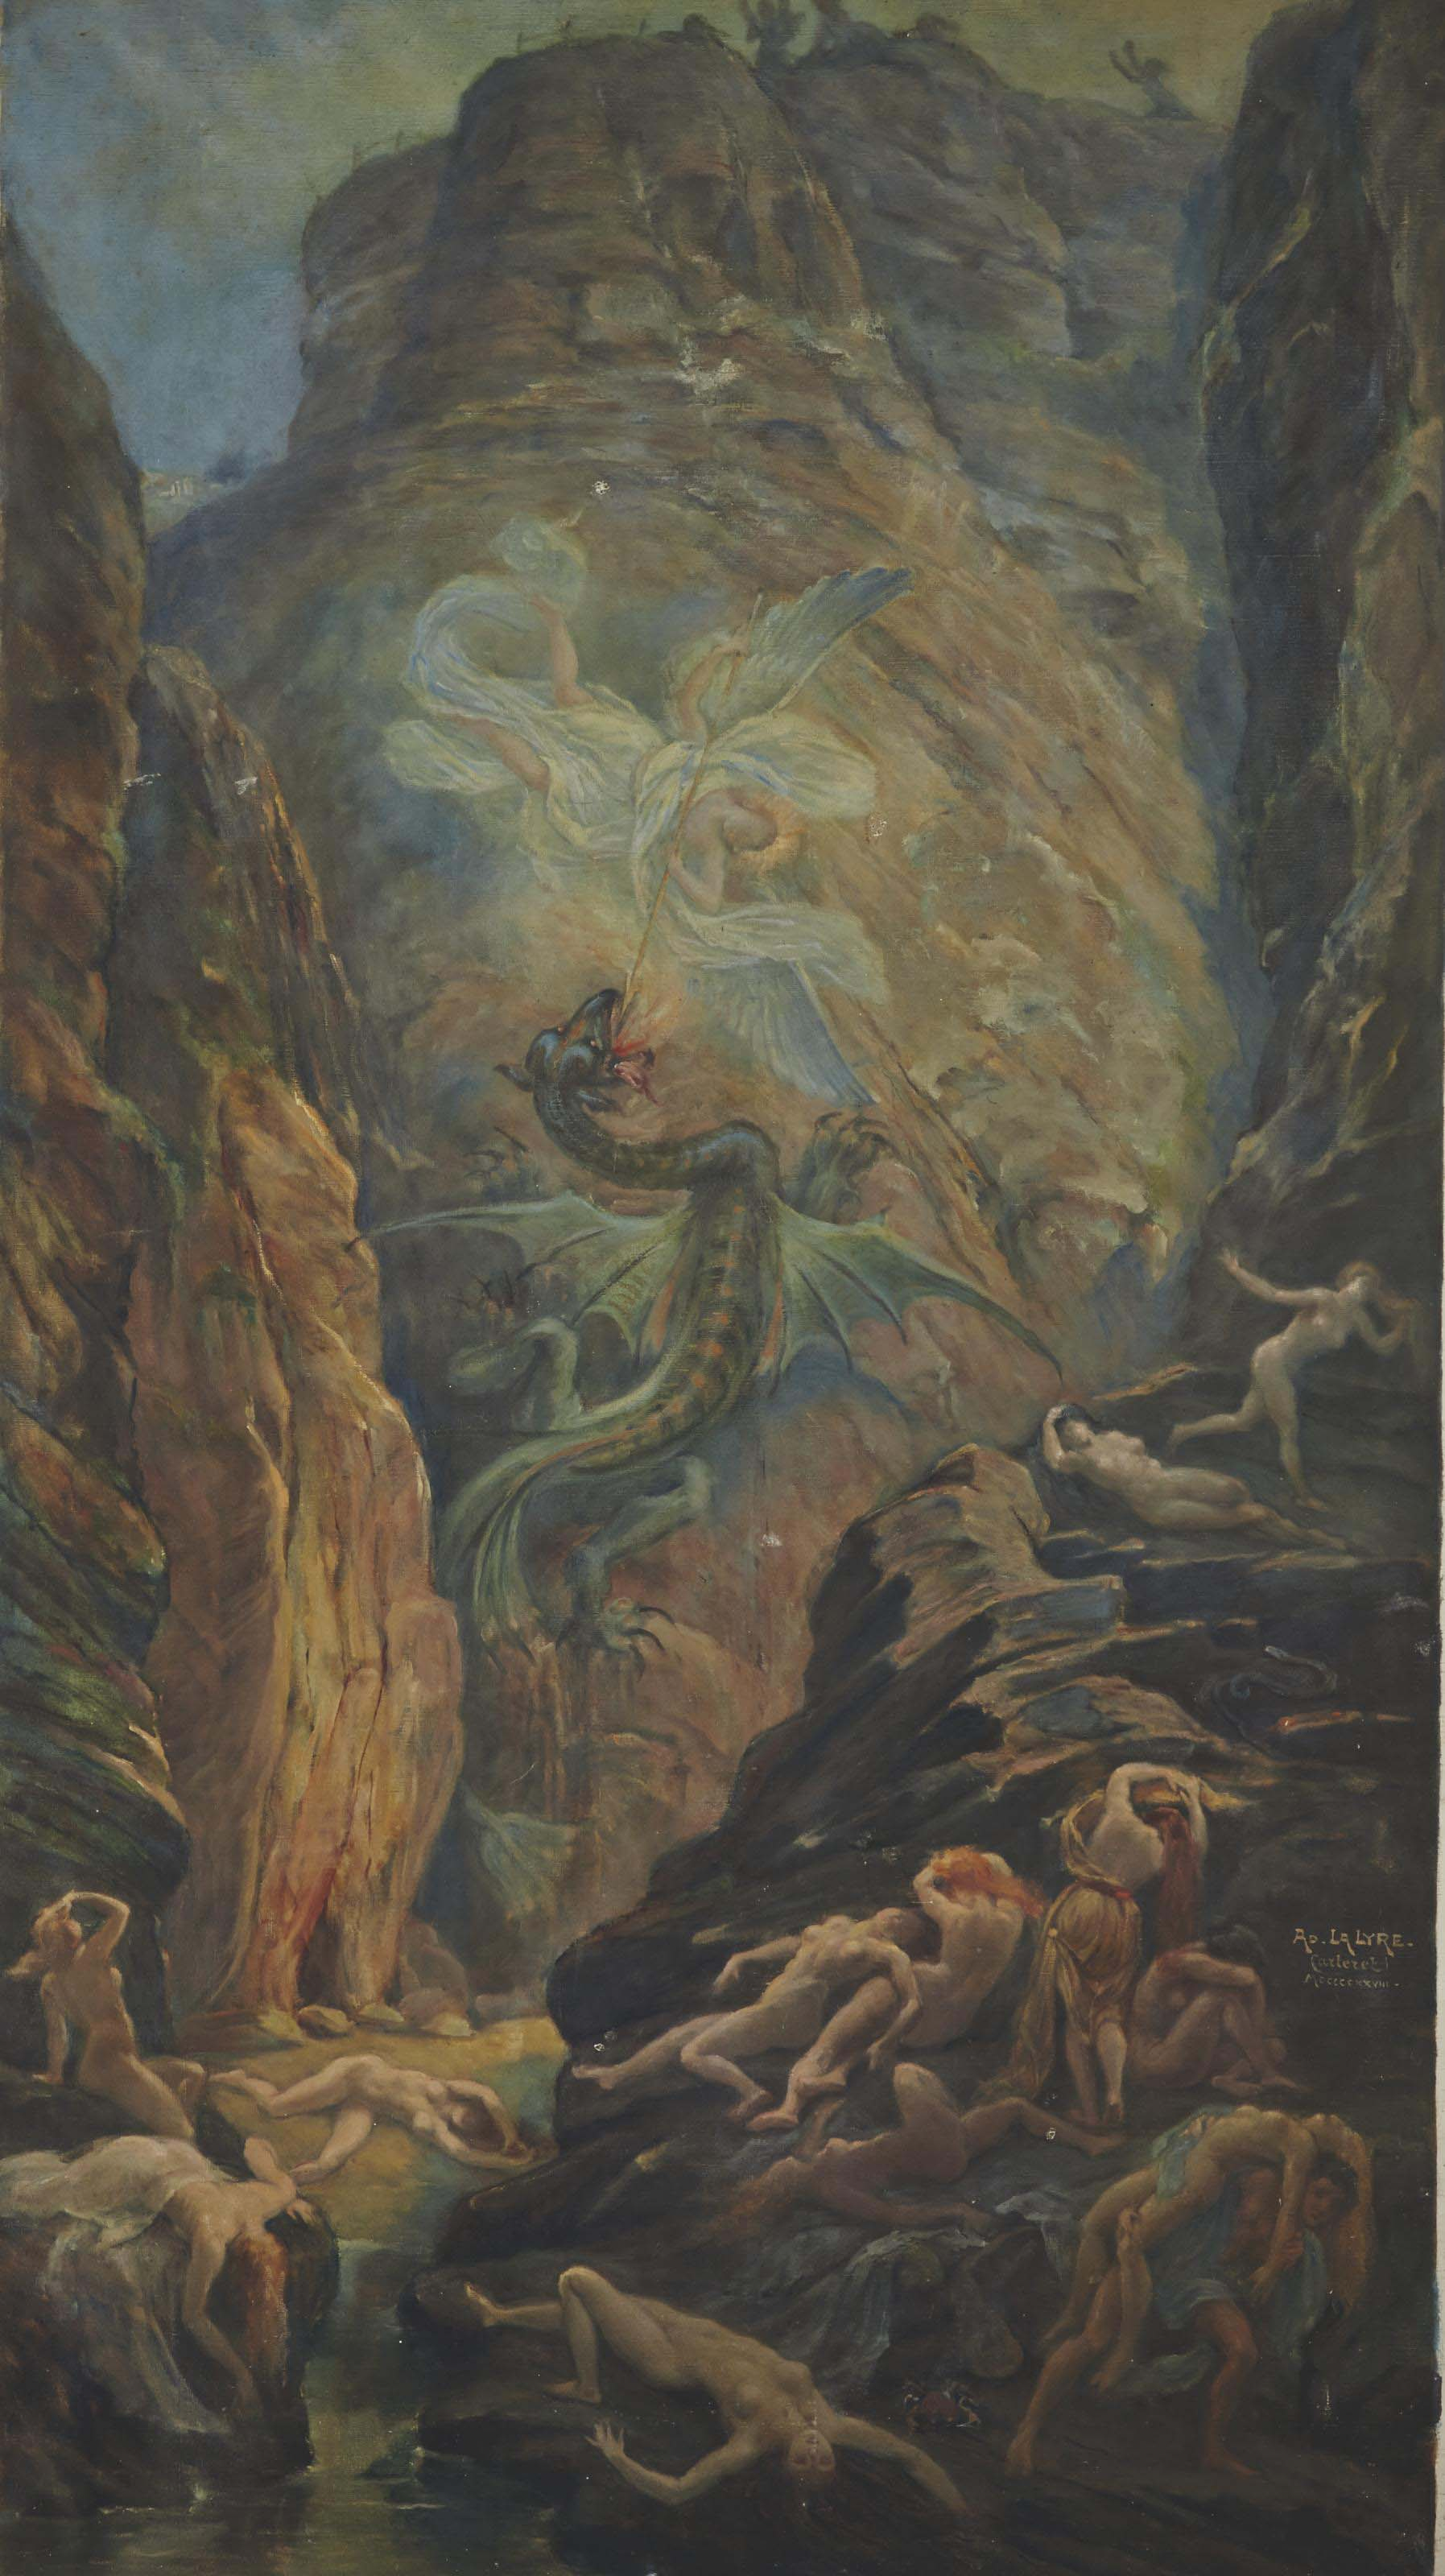 Saint Michel combattant le dragon dans un paysage rocheux